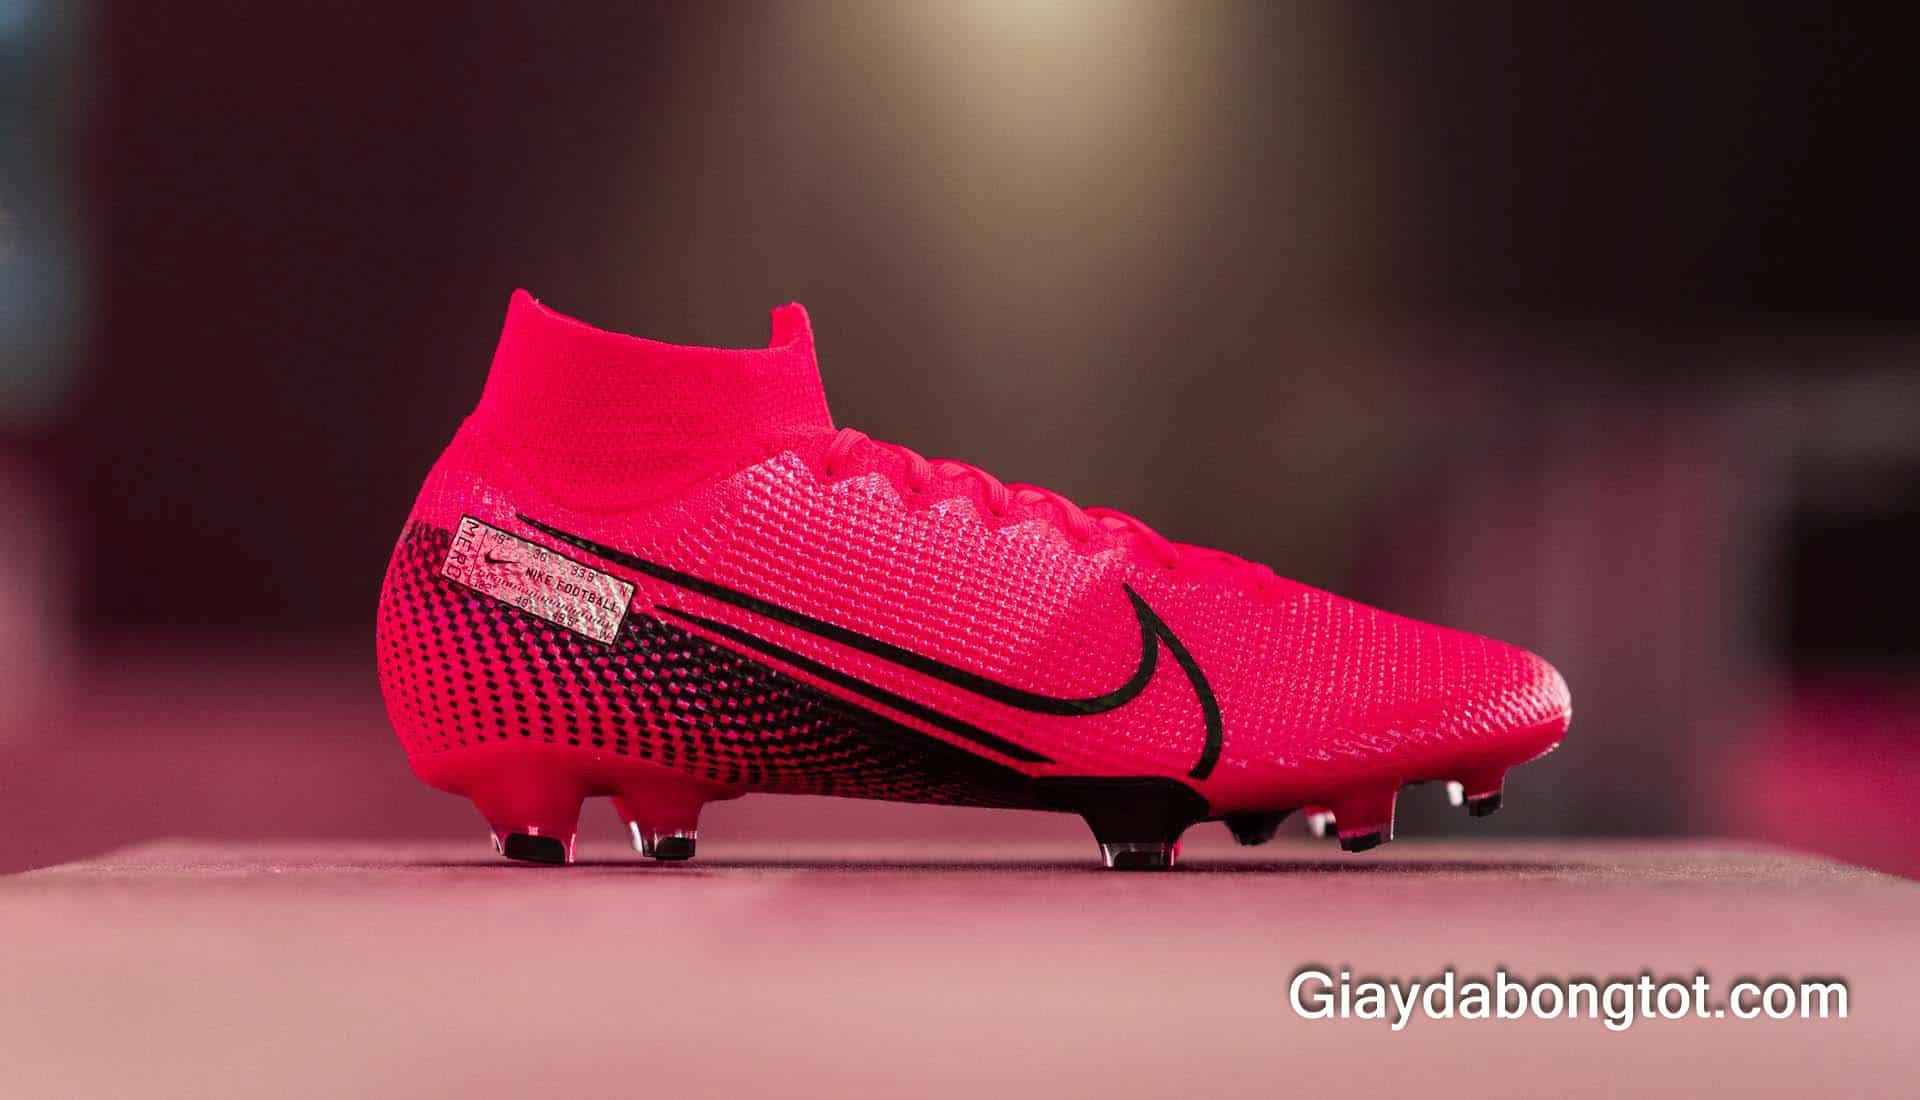 Giày đá bóng replica là tên gọi các shop giày dùng để gọi giày đá bóng fake đắt nhất, chất liệu tốt nhất